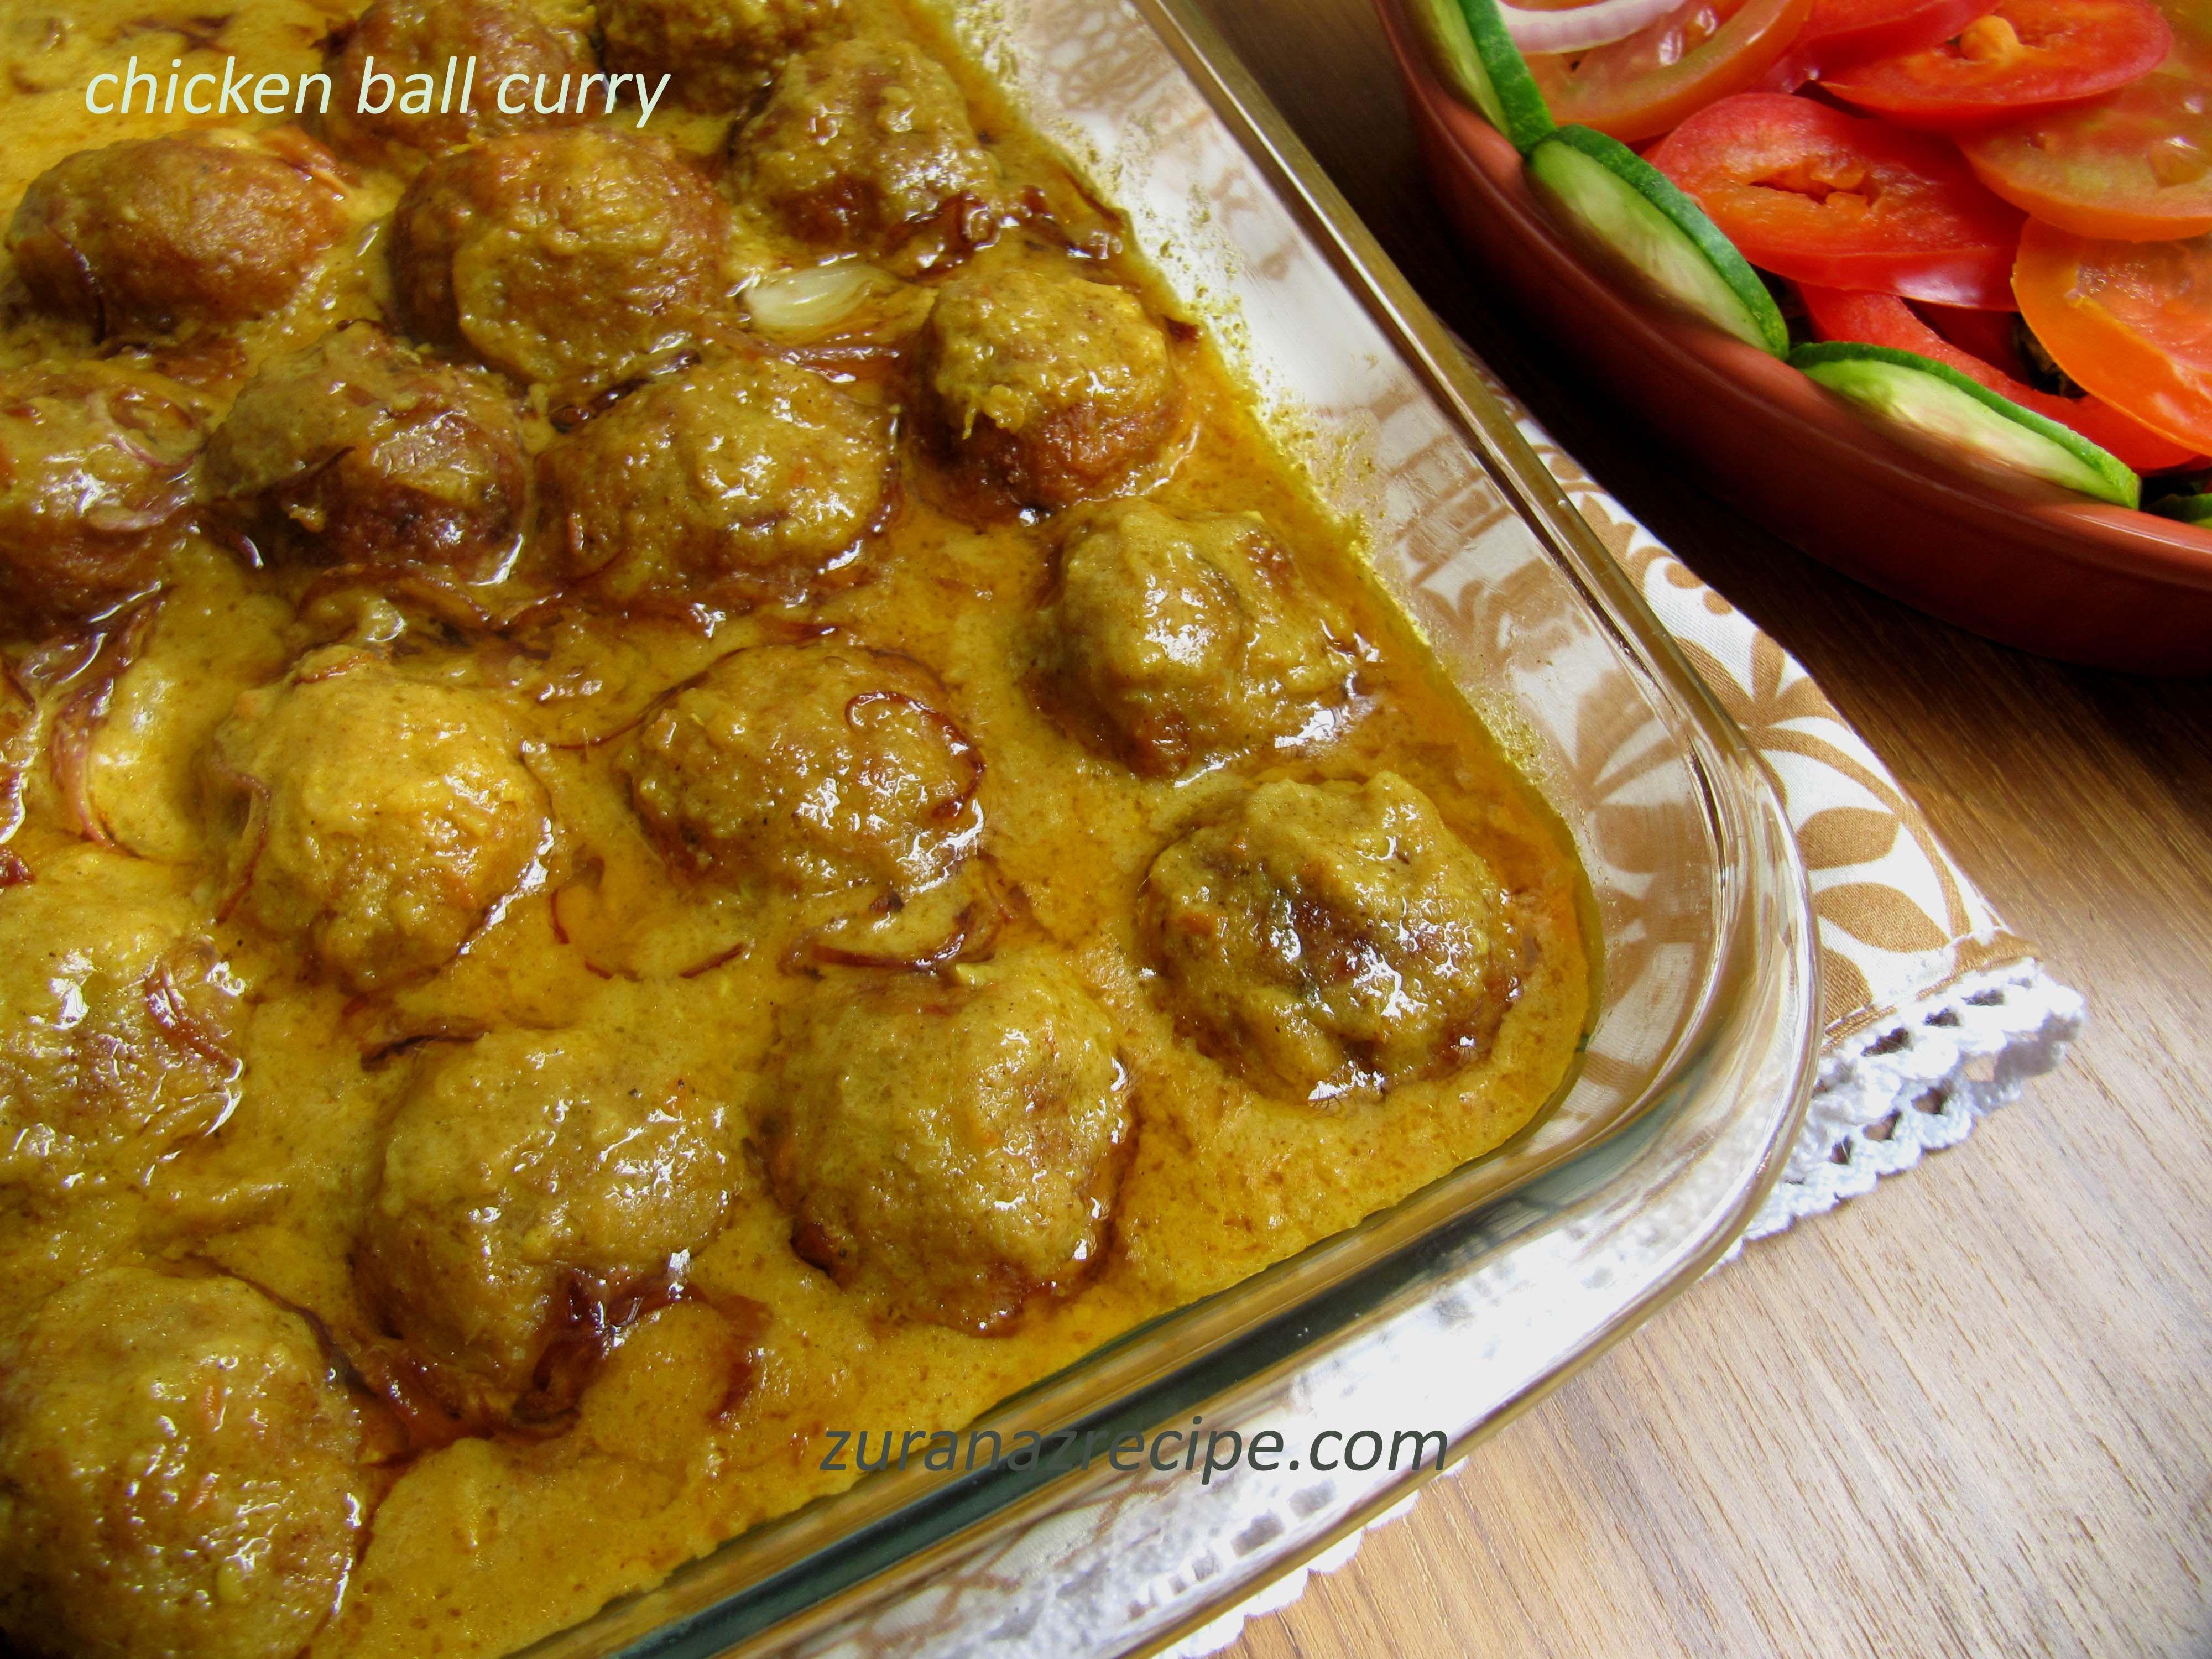 Chicken kofta curry bangla bangladeshi bengali food recipes chicken kofta curry bangla bangladeshi bengali food recipes forumfinder Gallery